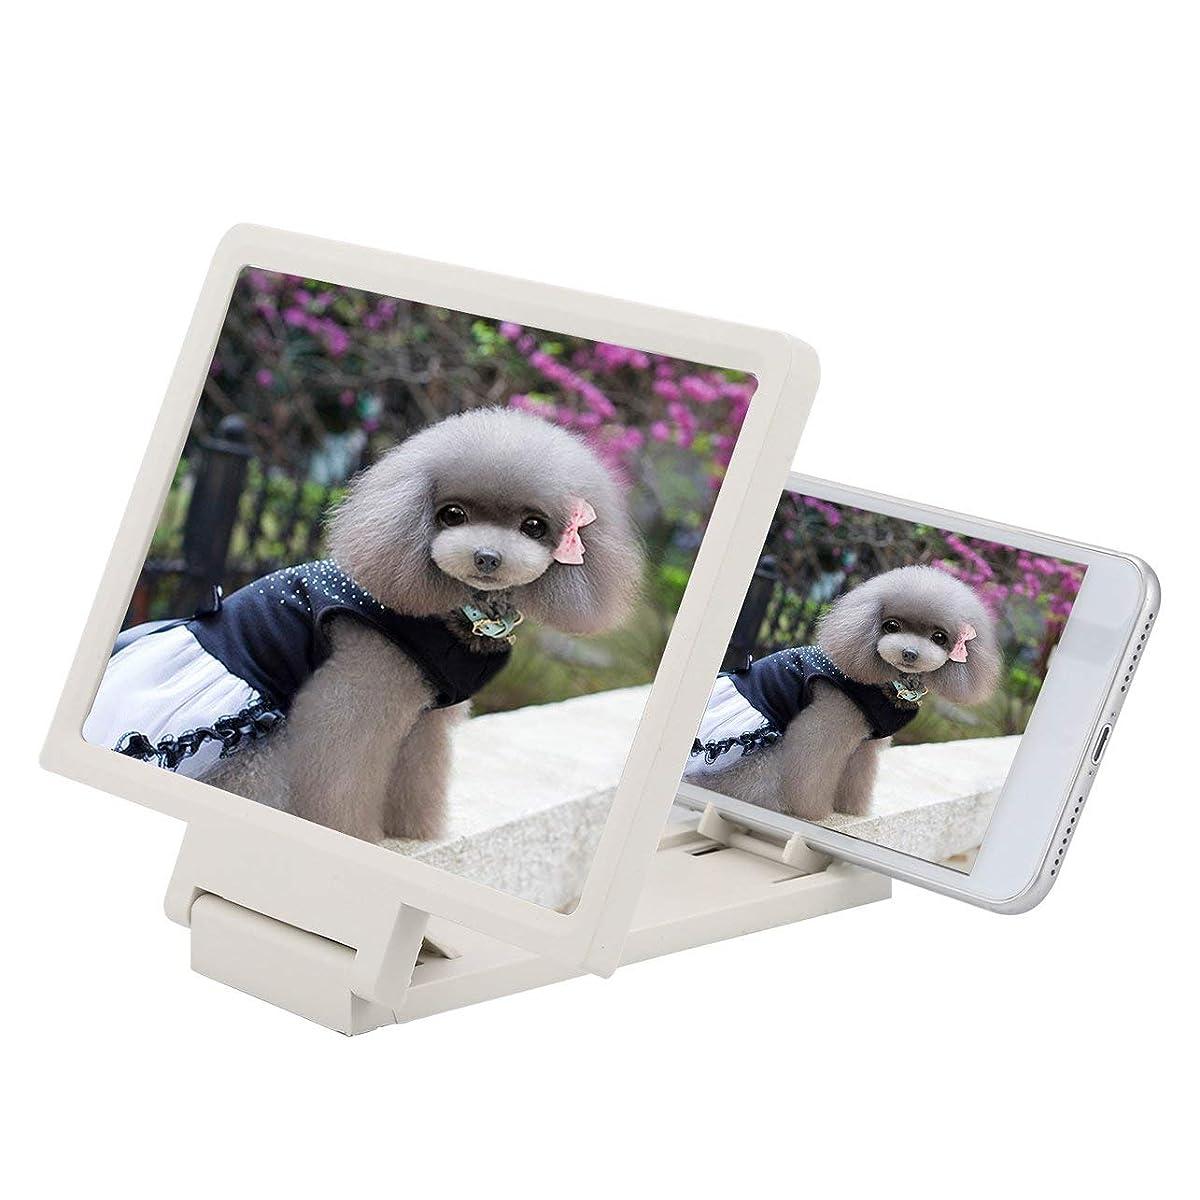 アジャ手順因子DeeploveUU 1ピースポータブル3dスクリーン拡大鏡のための携帯電話xiaomi samsung lenovelタブレットビデオスクリーンホルダー折りたたみ拡大エキスパンダー